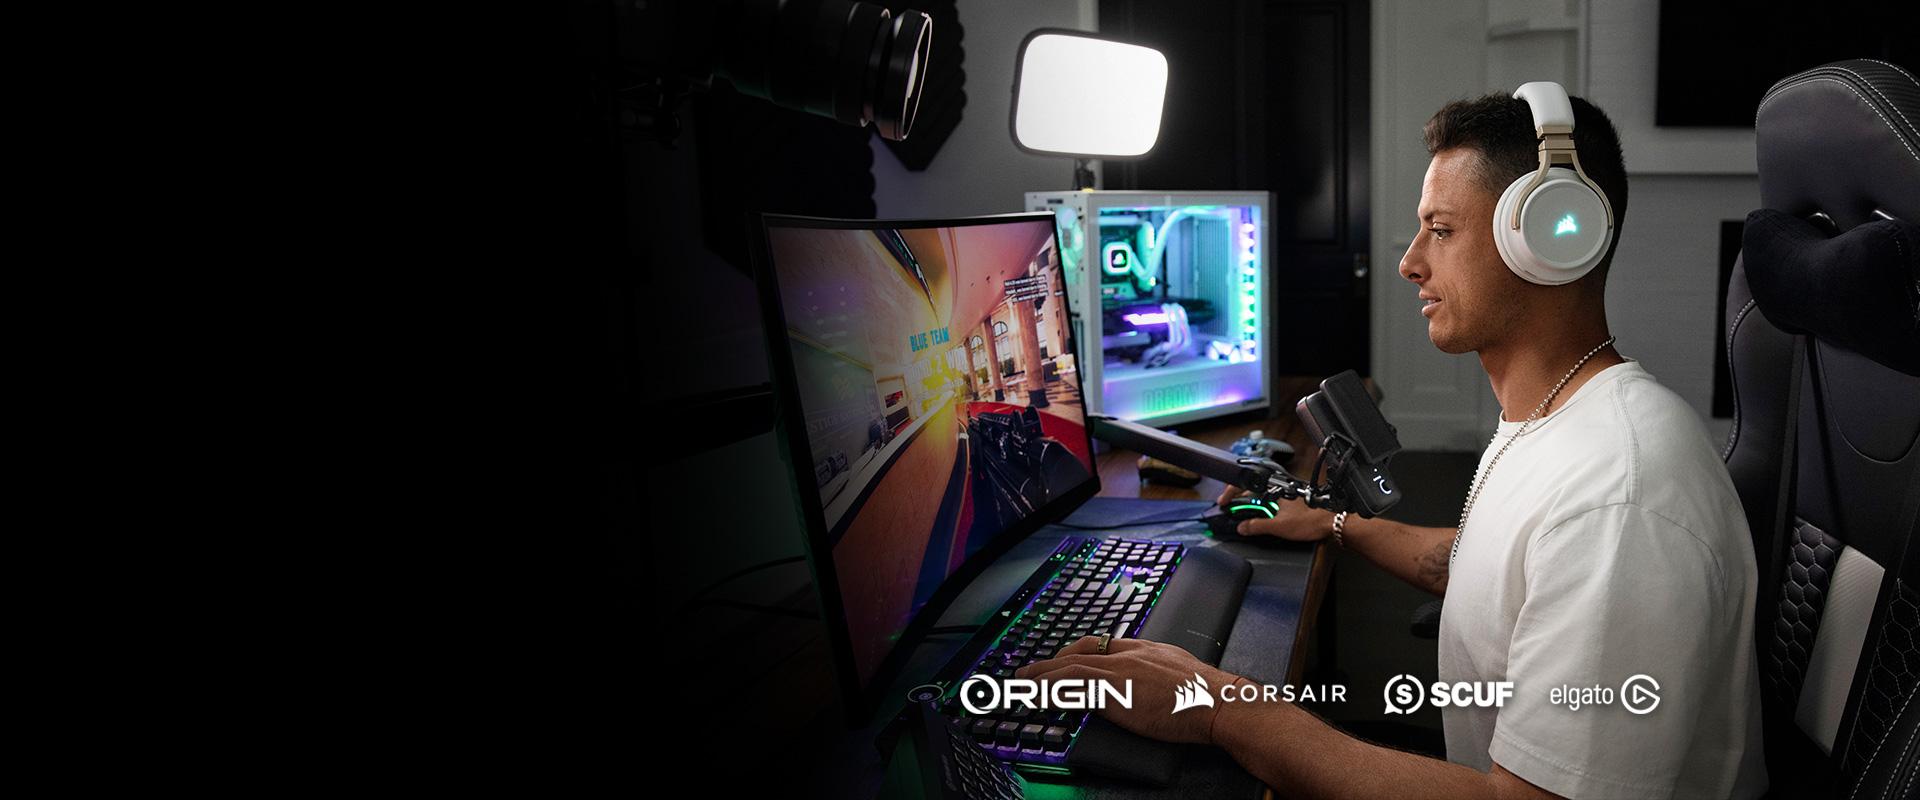 Chicharito + Origin PC + Corsair